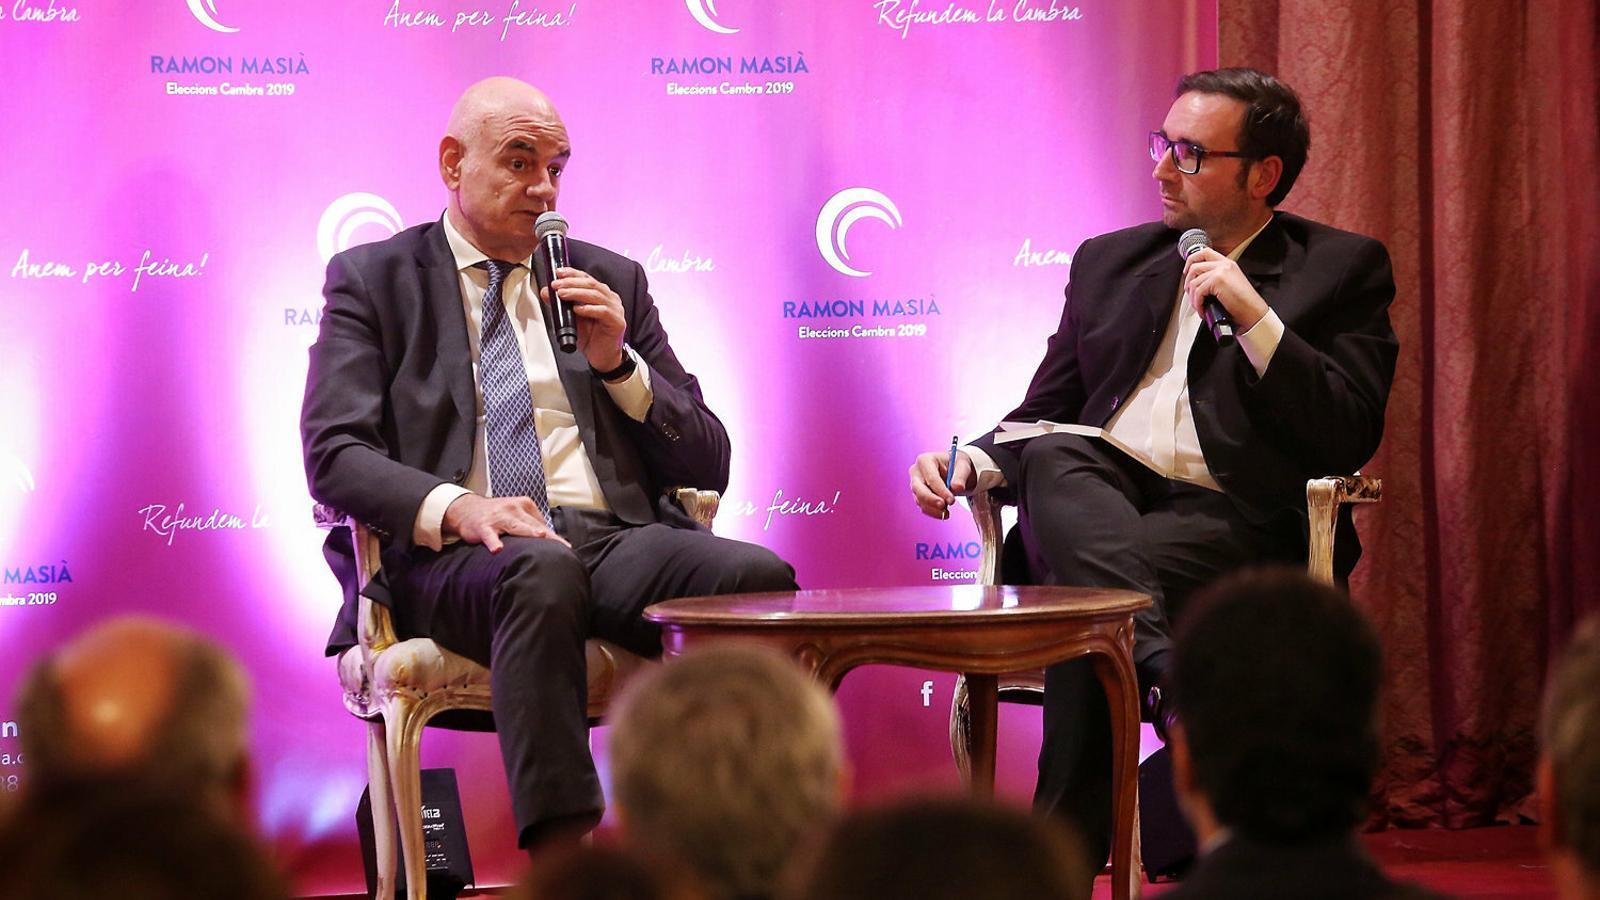 El candidat a presidir la Cambra de Comerç de Barcelona Ramon Masià (a l'esquerra) presentant el seu llibre. / PERE VIRGILI